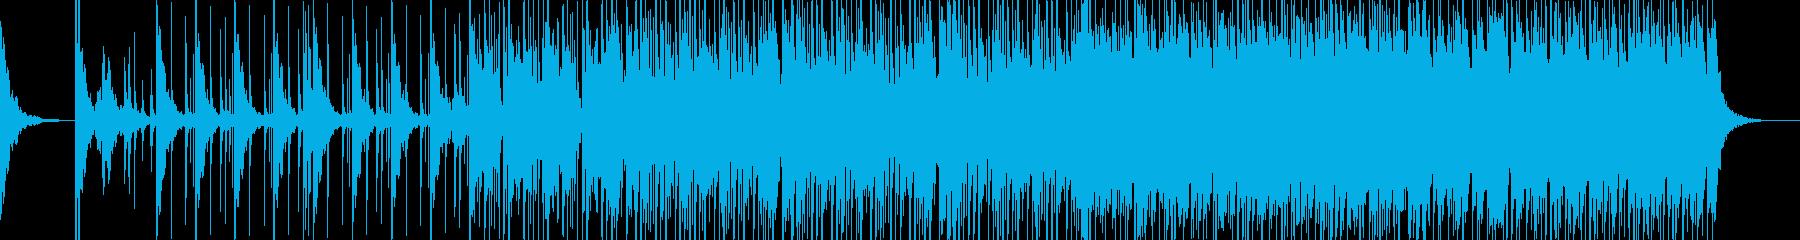 和太鼓で伝える、表現する和風の再生済みの波形